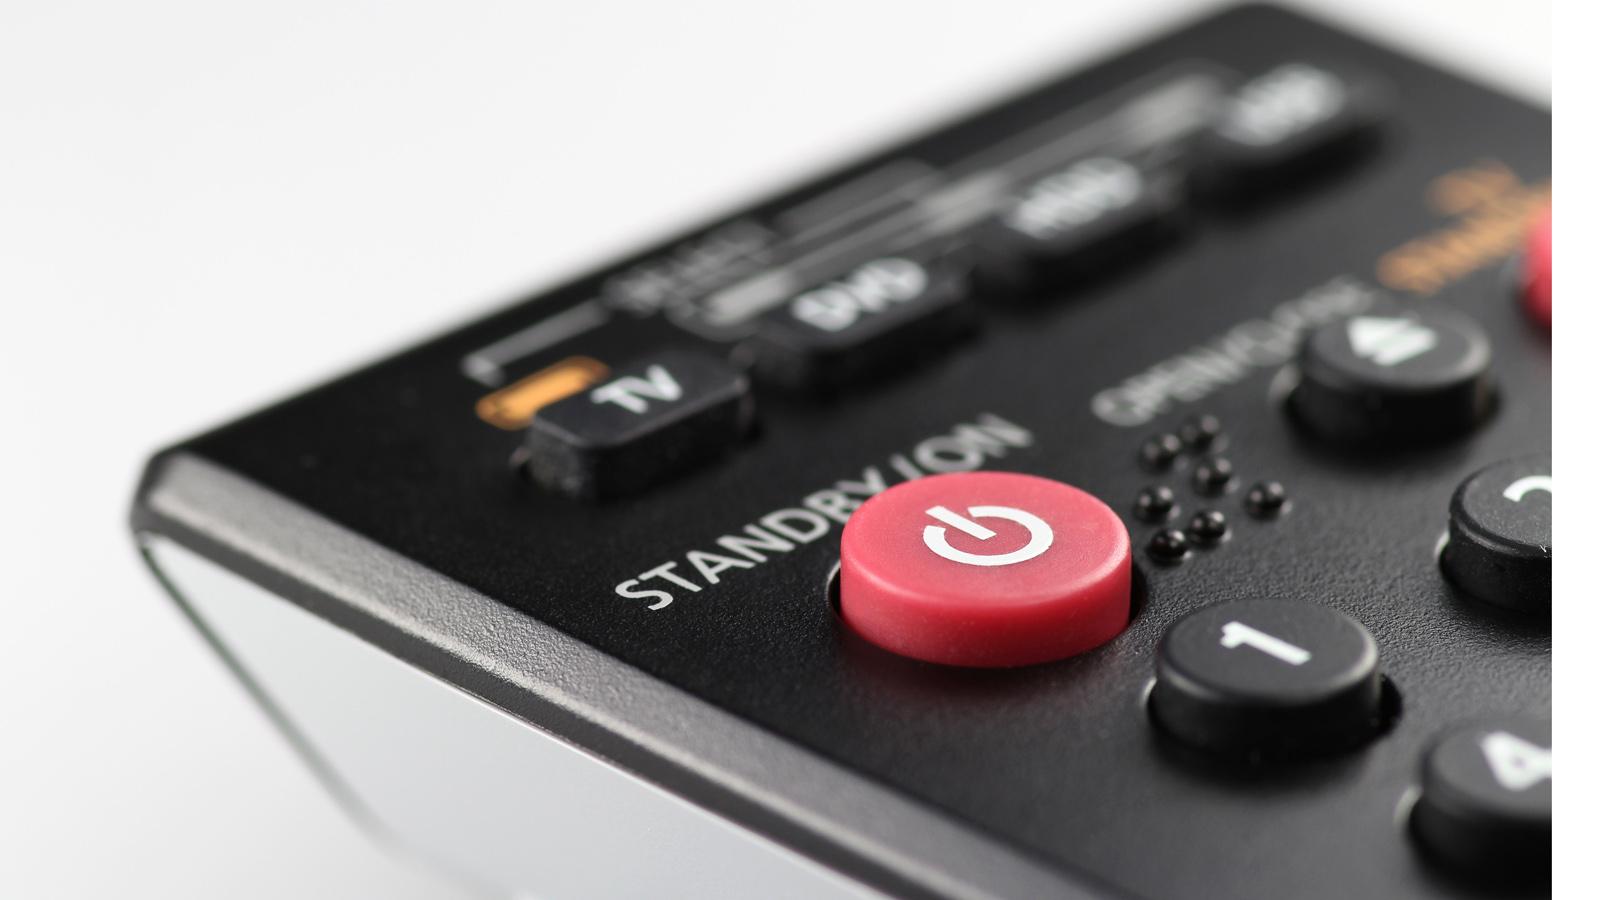 Standby-Knopf auf Fernbedienung